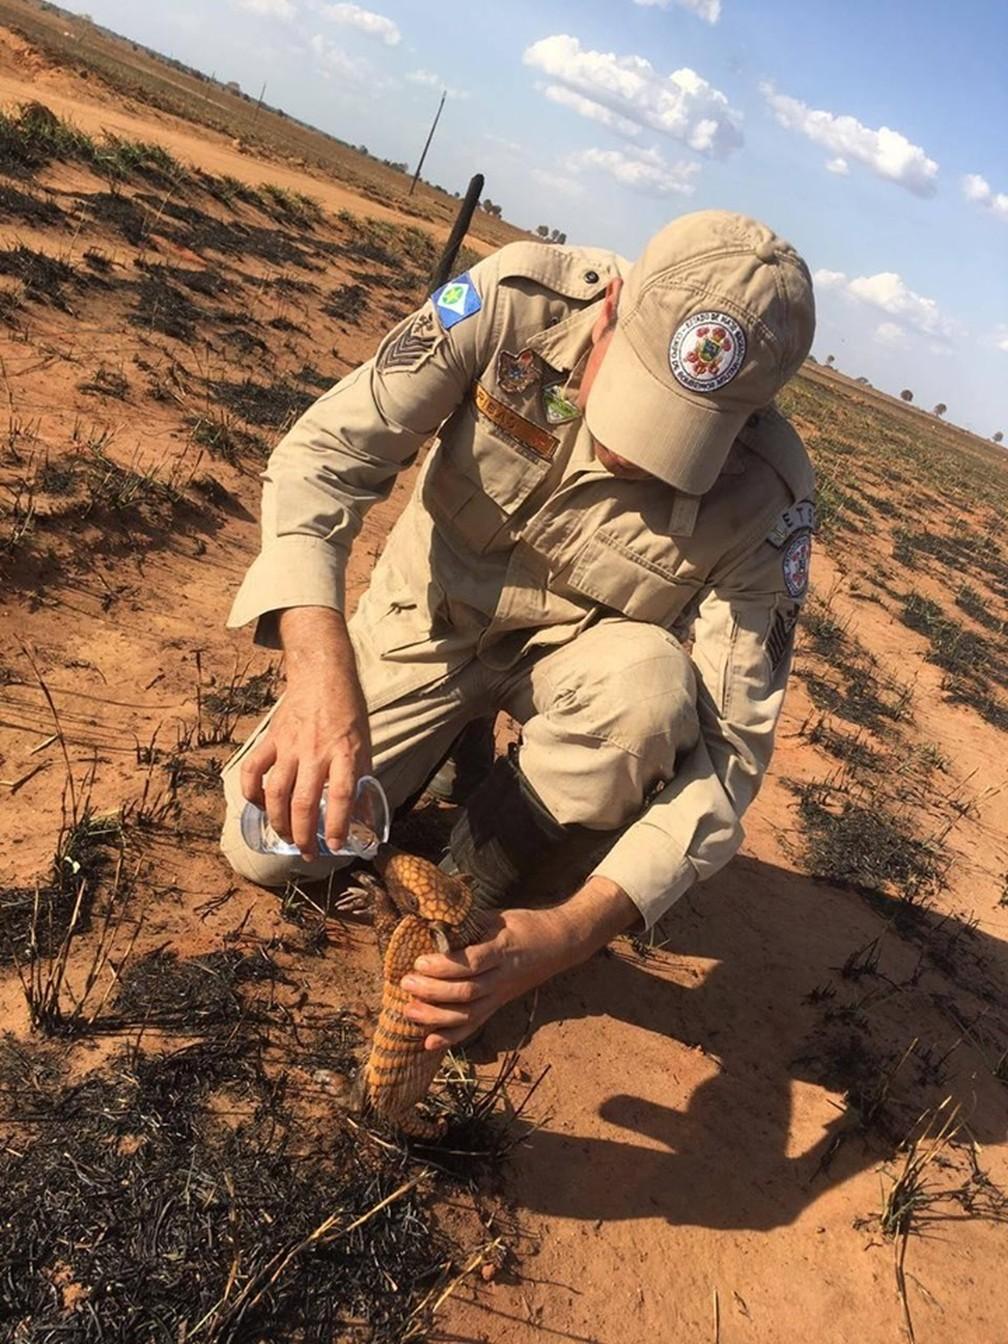 Filhote de tatu bebe água em copo oferecido por bombeiro que fazia perícia em pasto incendiado em Mato Grosso — Foto: Corpo de Bombeiros de Mato Grosso/Divulgação